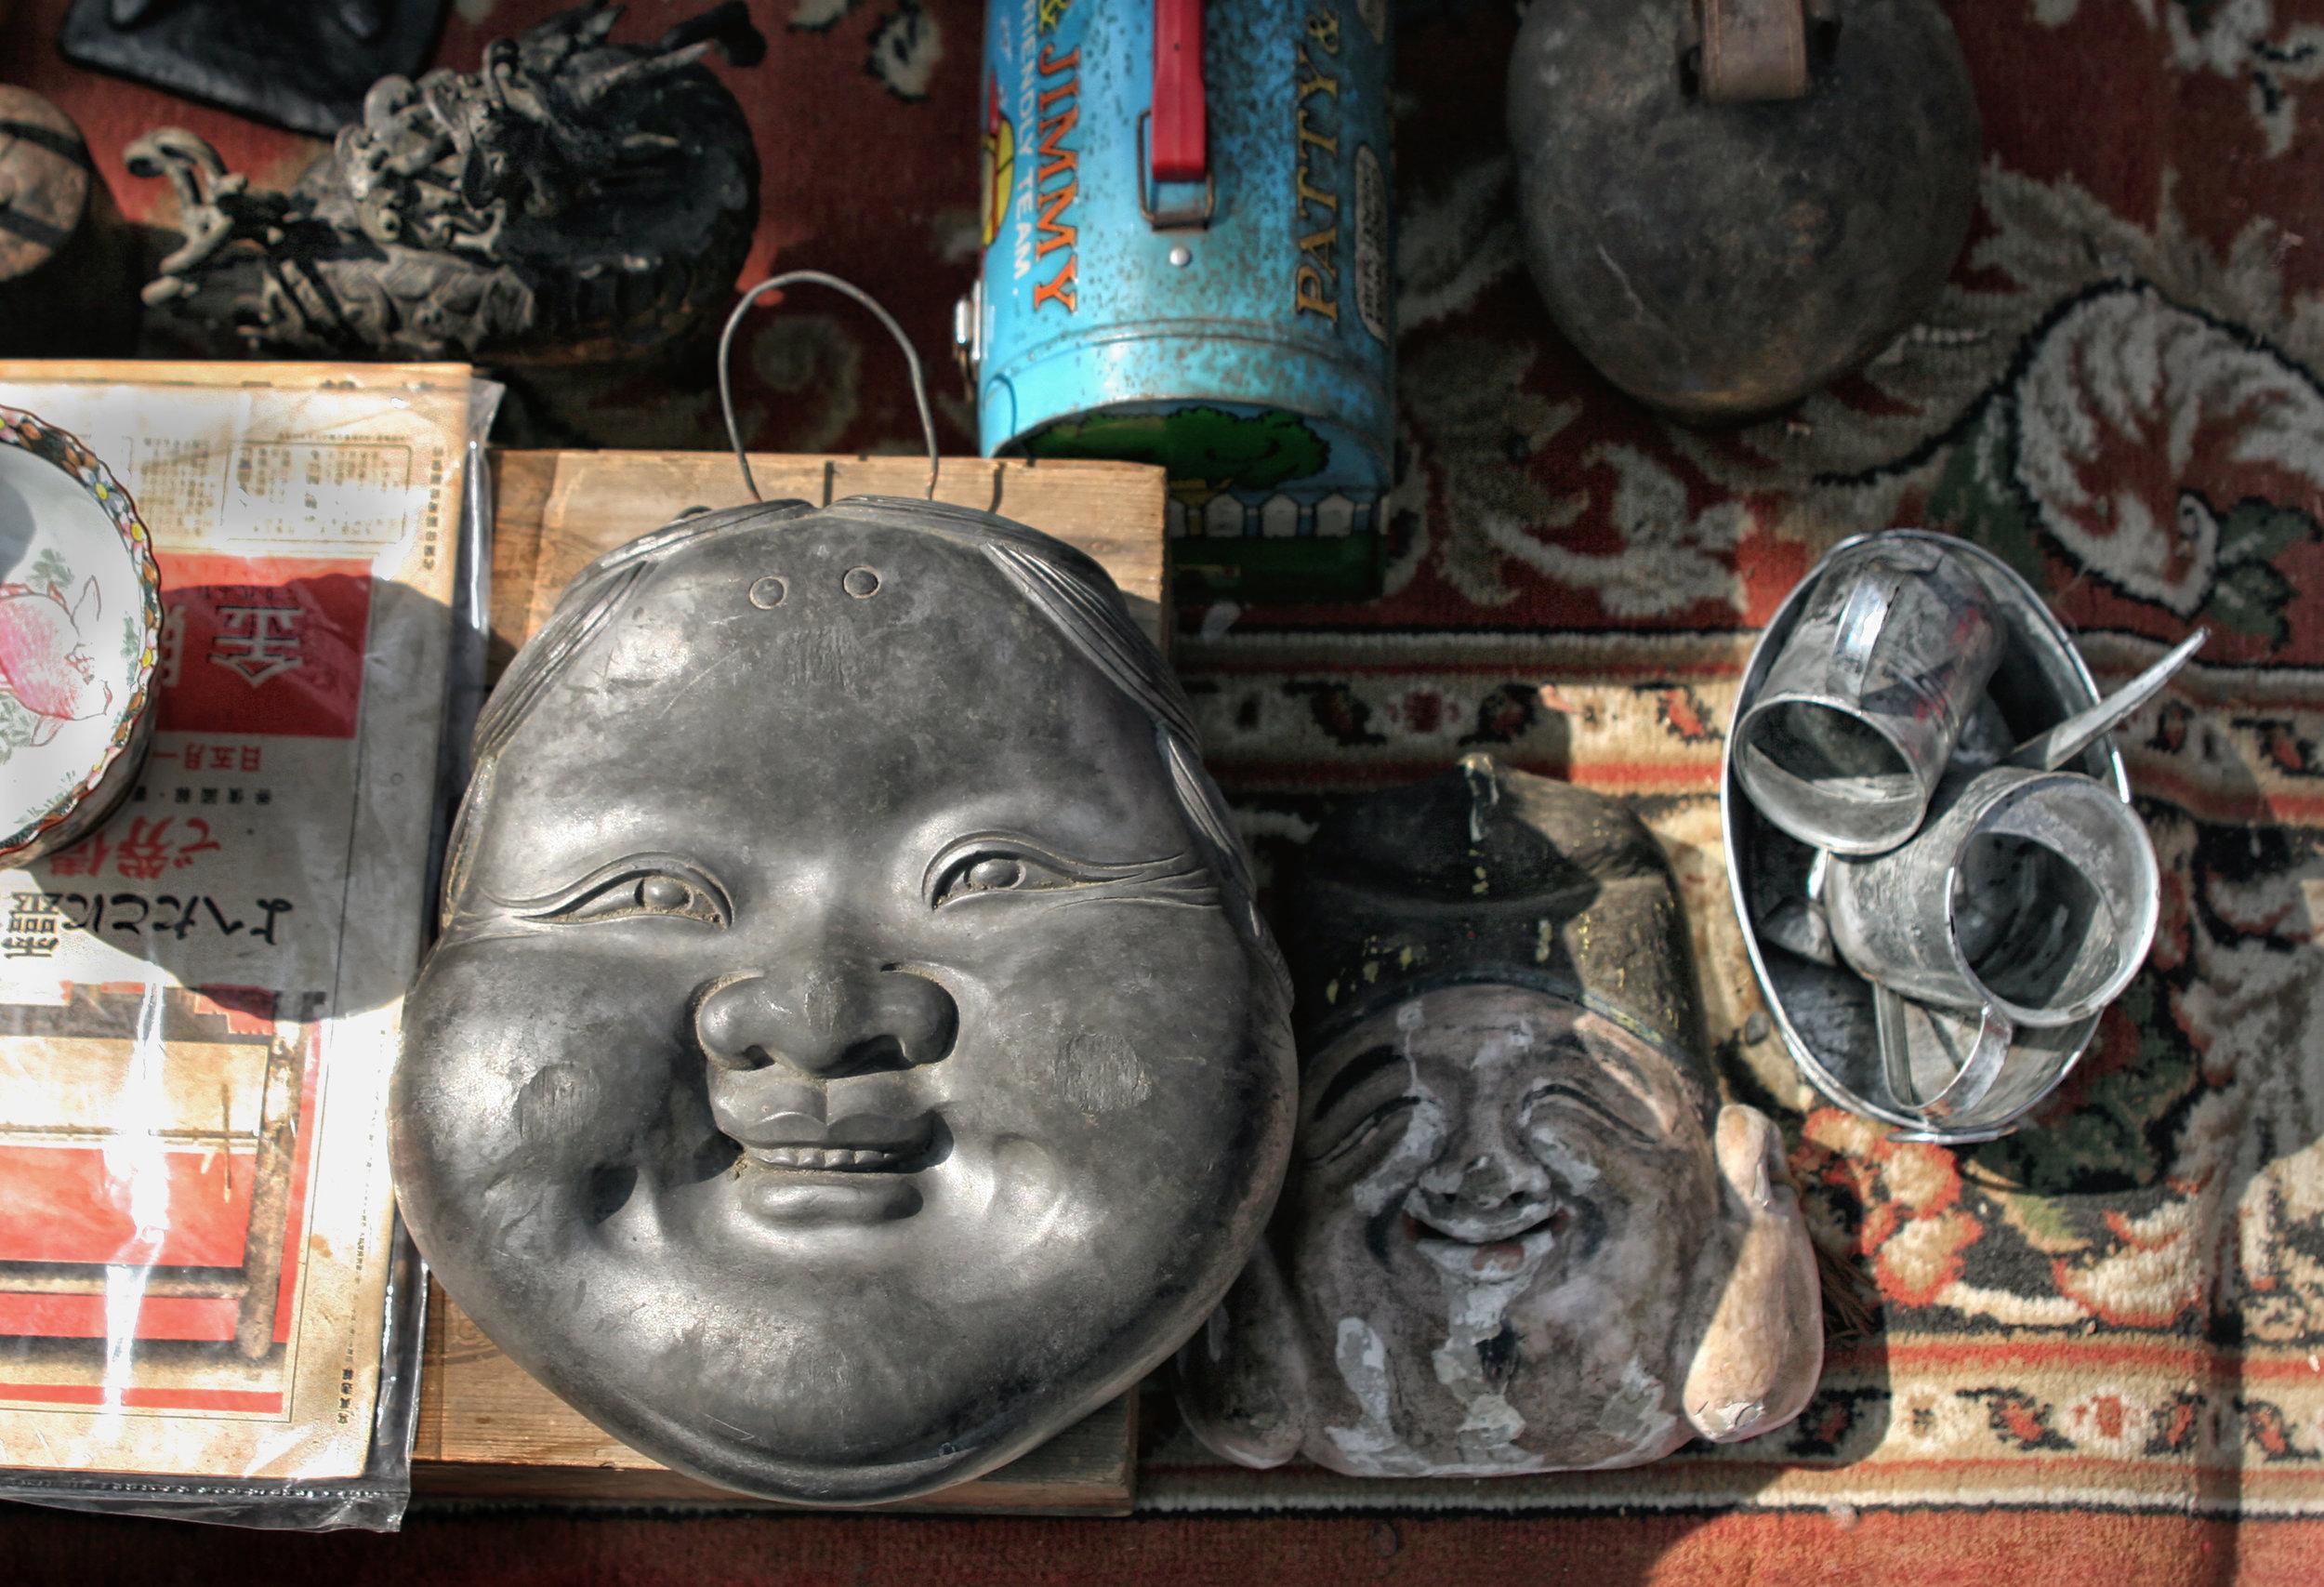 Togo Shrine Sale/Flee Market